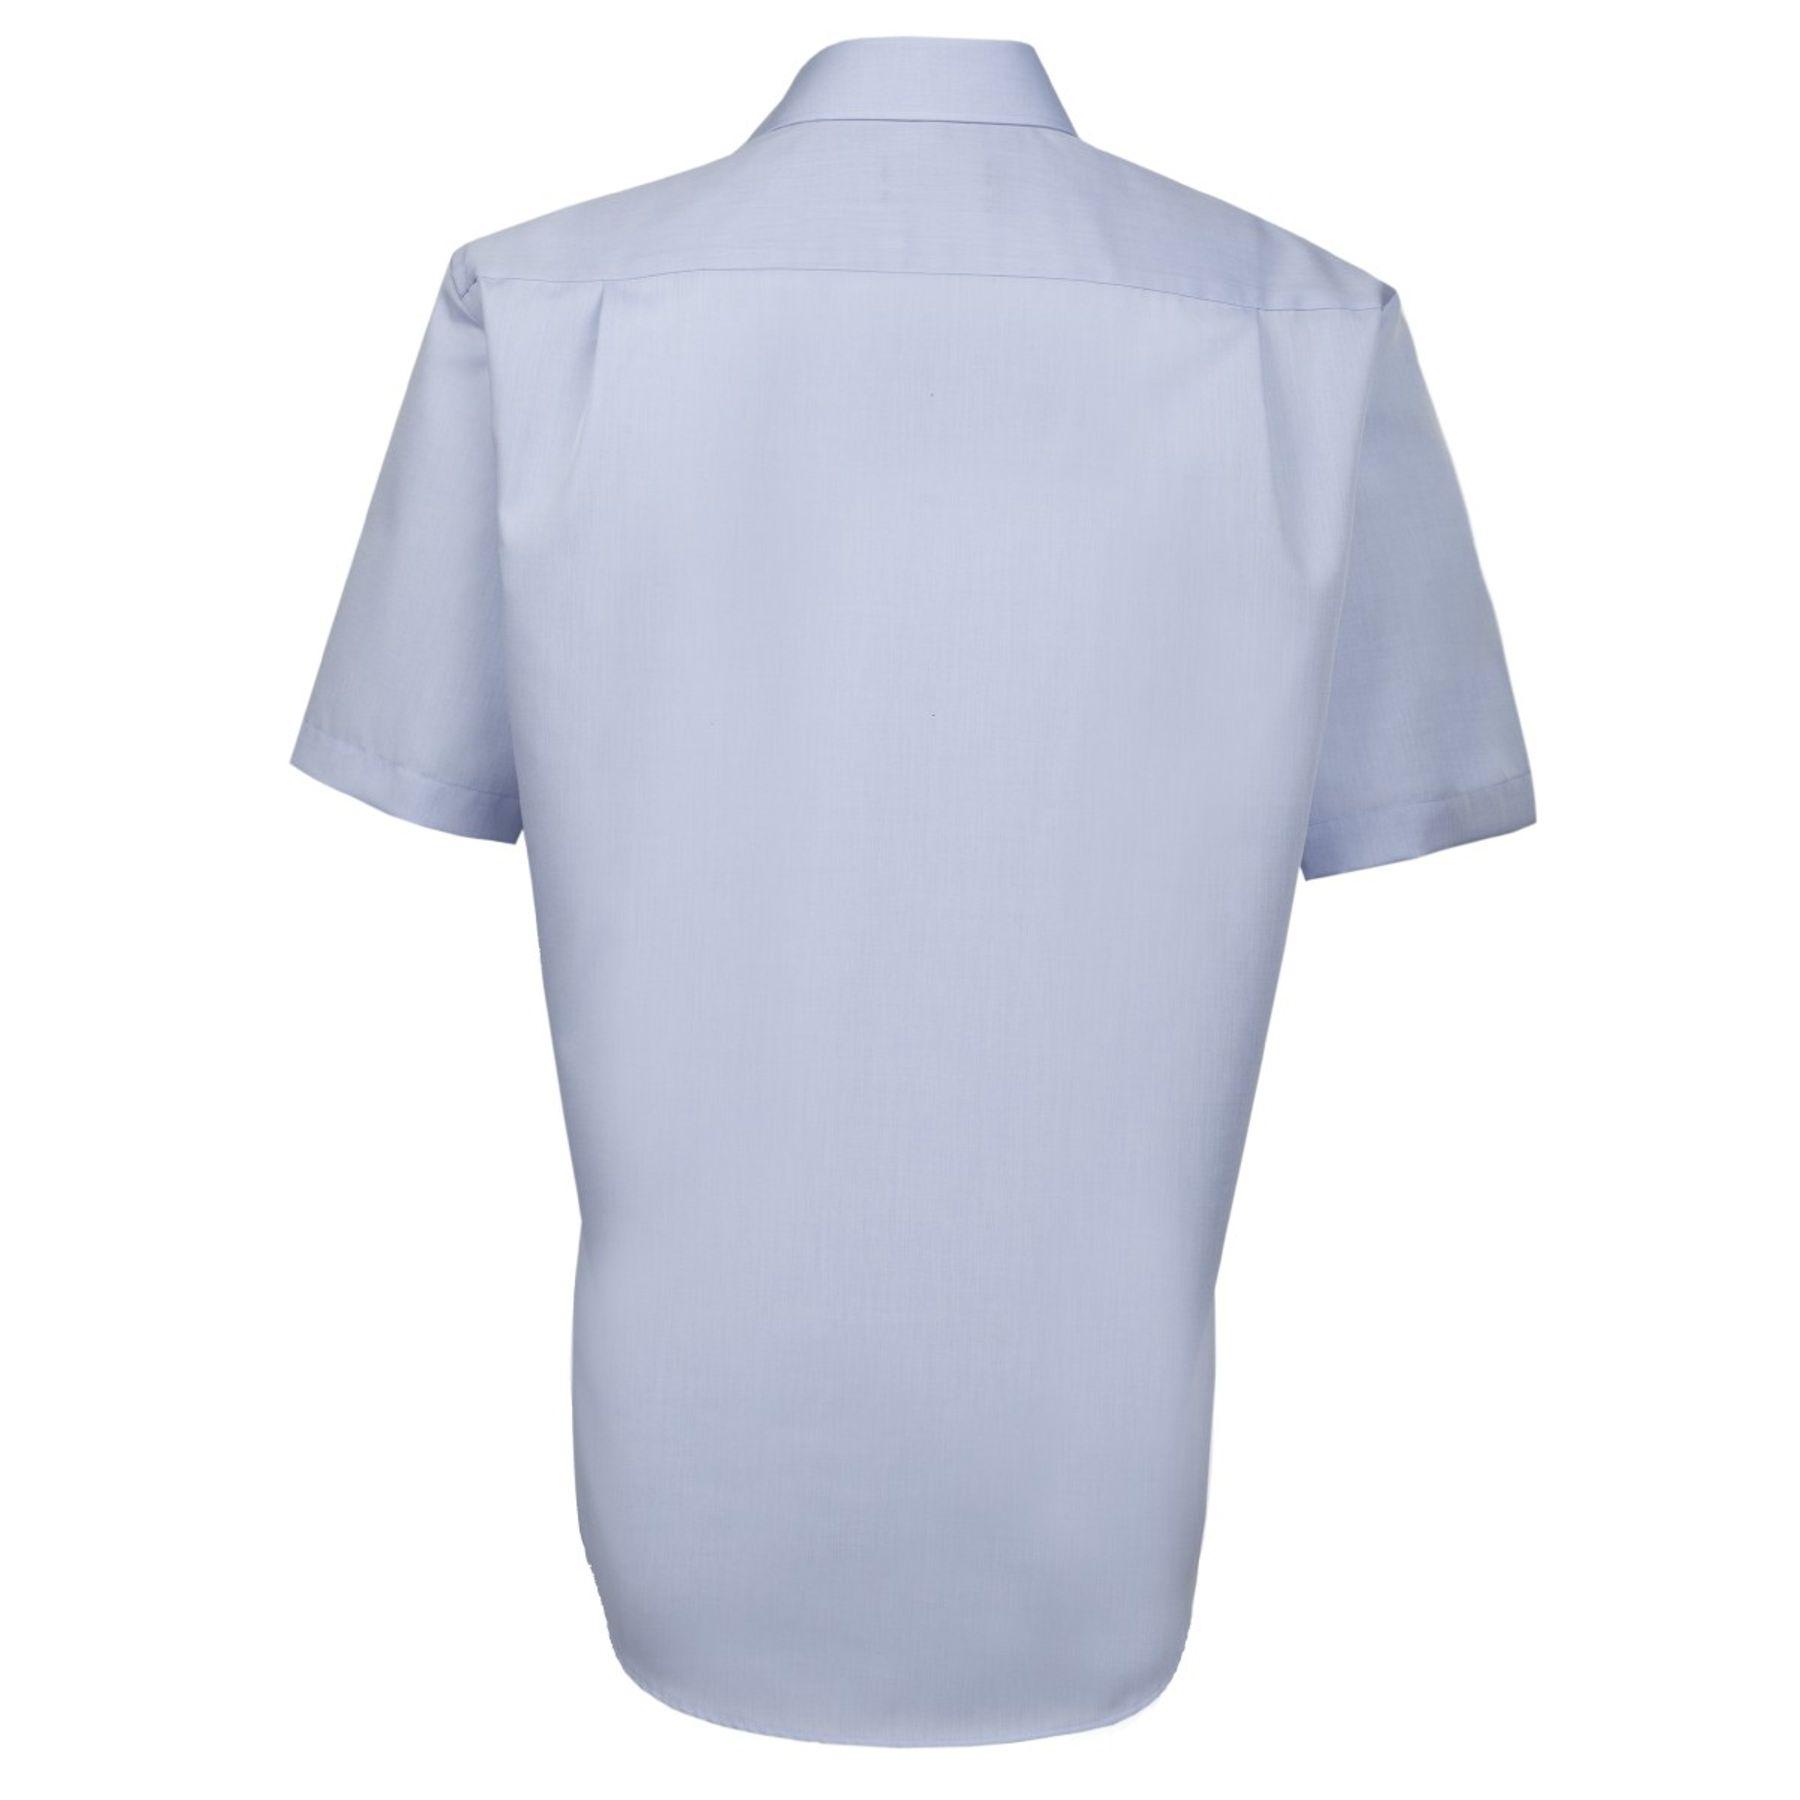 Seidensticker - Herren Hemd 1/2 Arm, Bügelfrei, Comfort, Schwarze Rose mit Kent Kragen in Blau (01.312431) – Bild 2